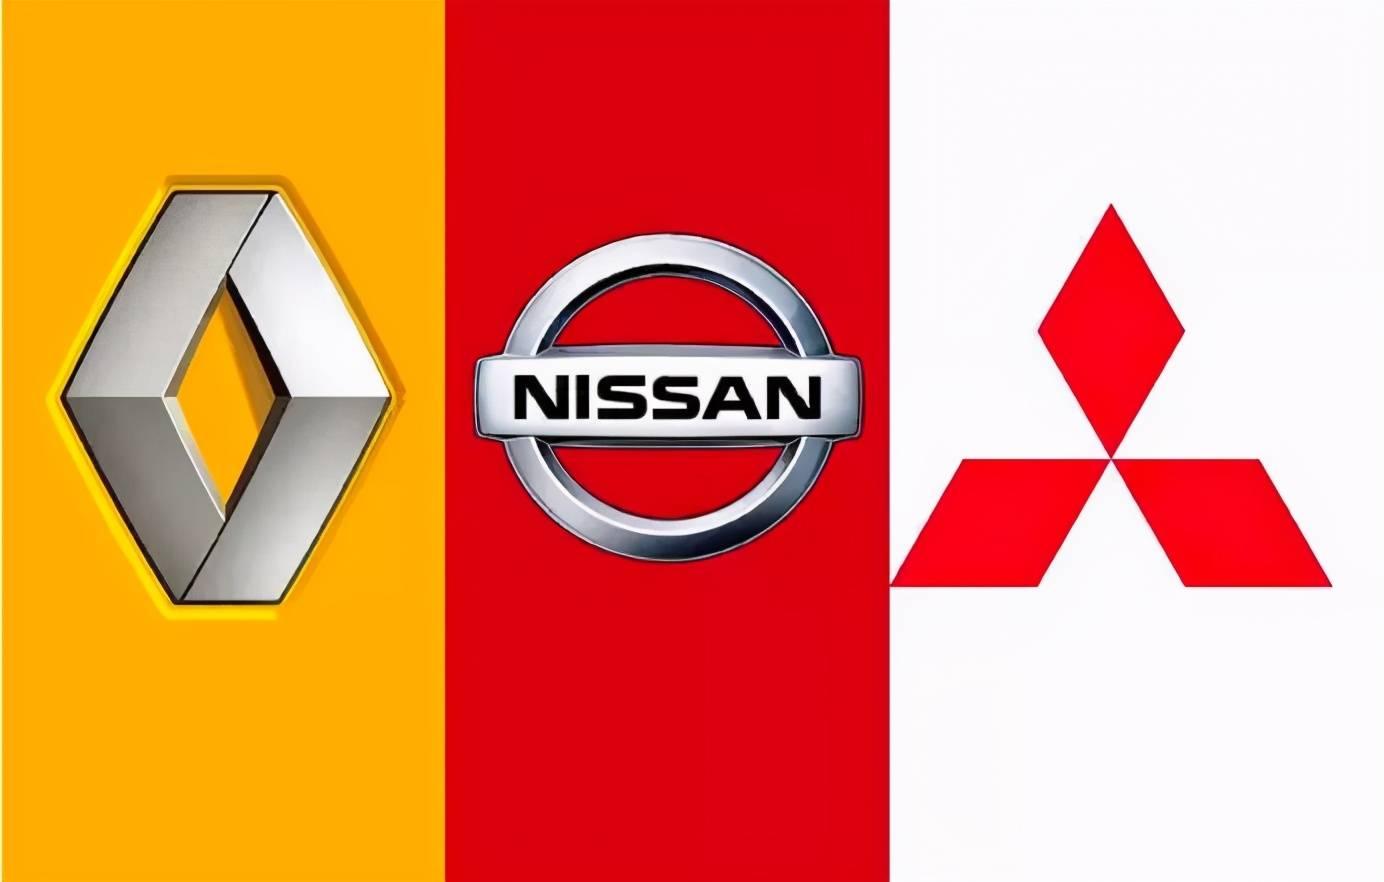 为什么原来的雷诺、菲亚特、欧宝、德国以外的欧洲车企越来越差?